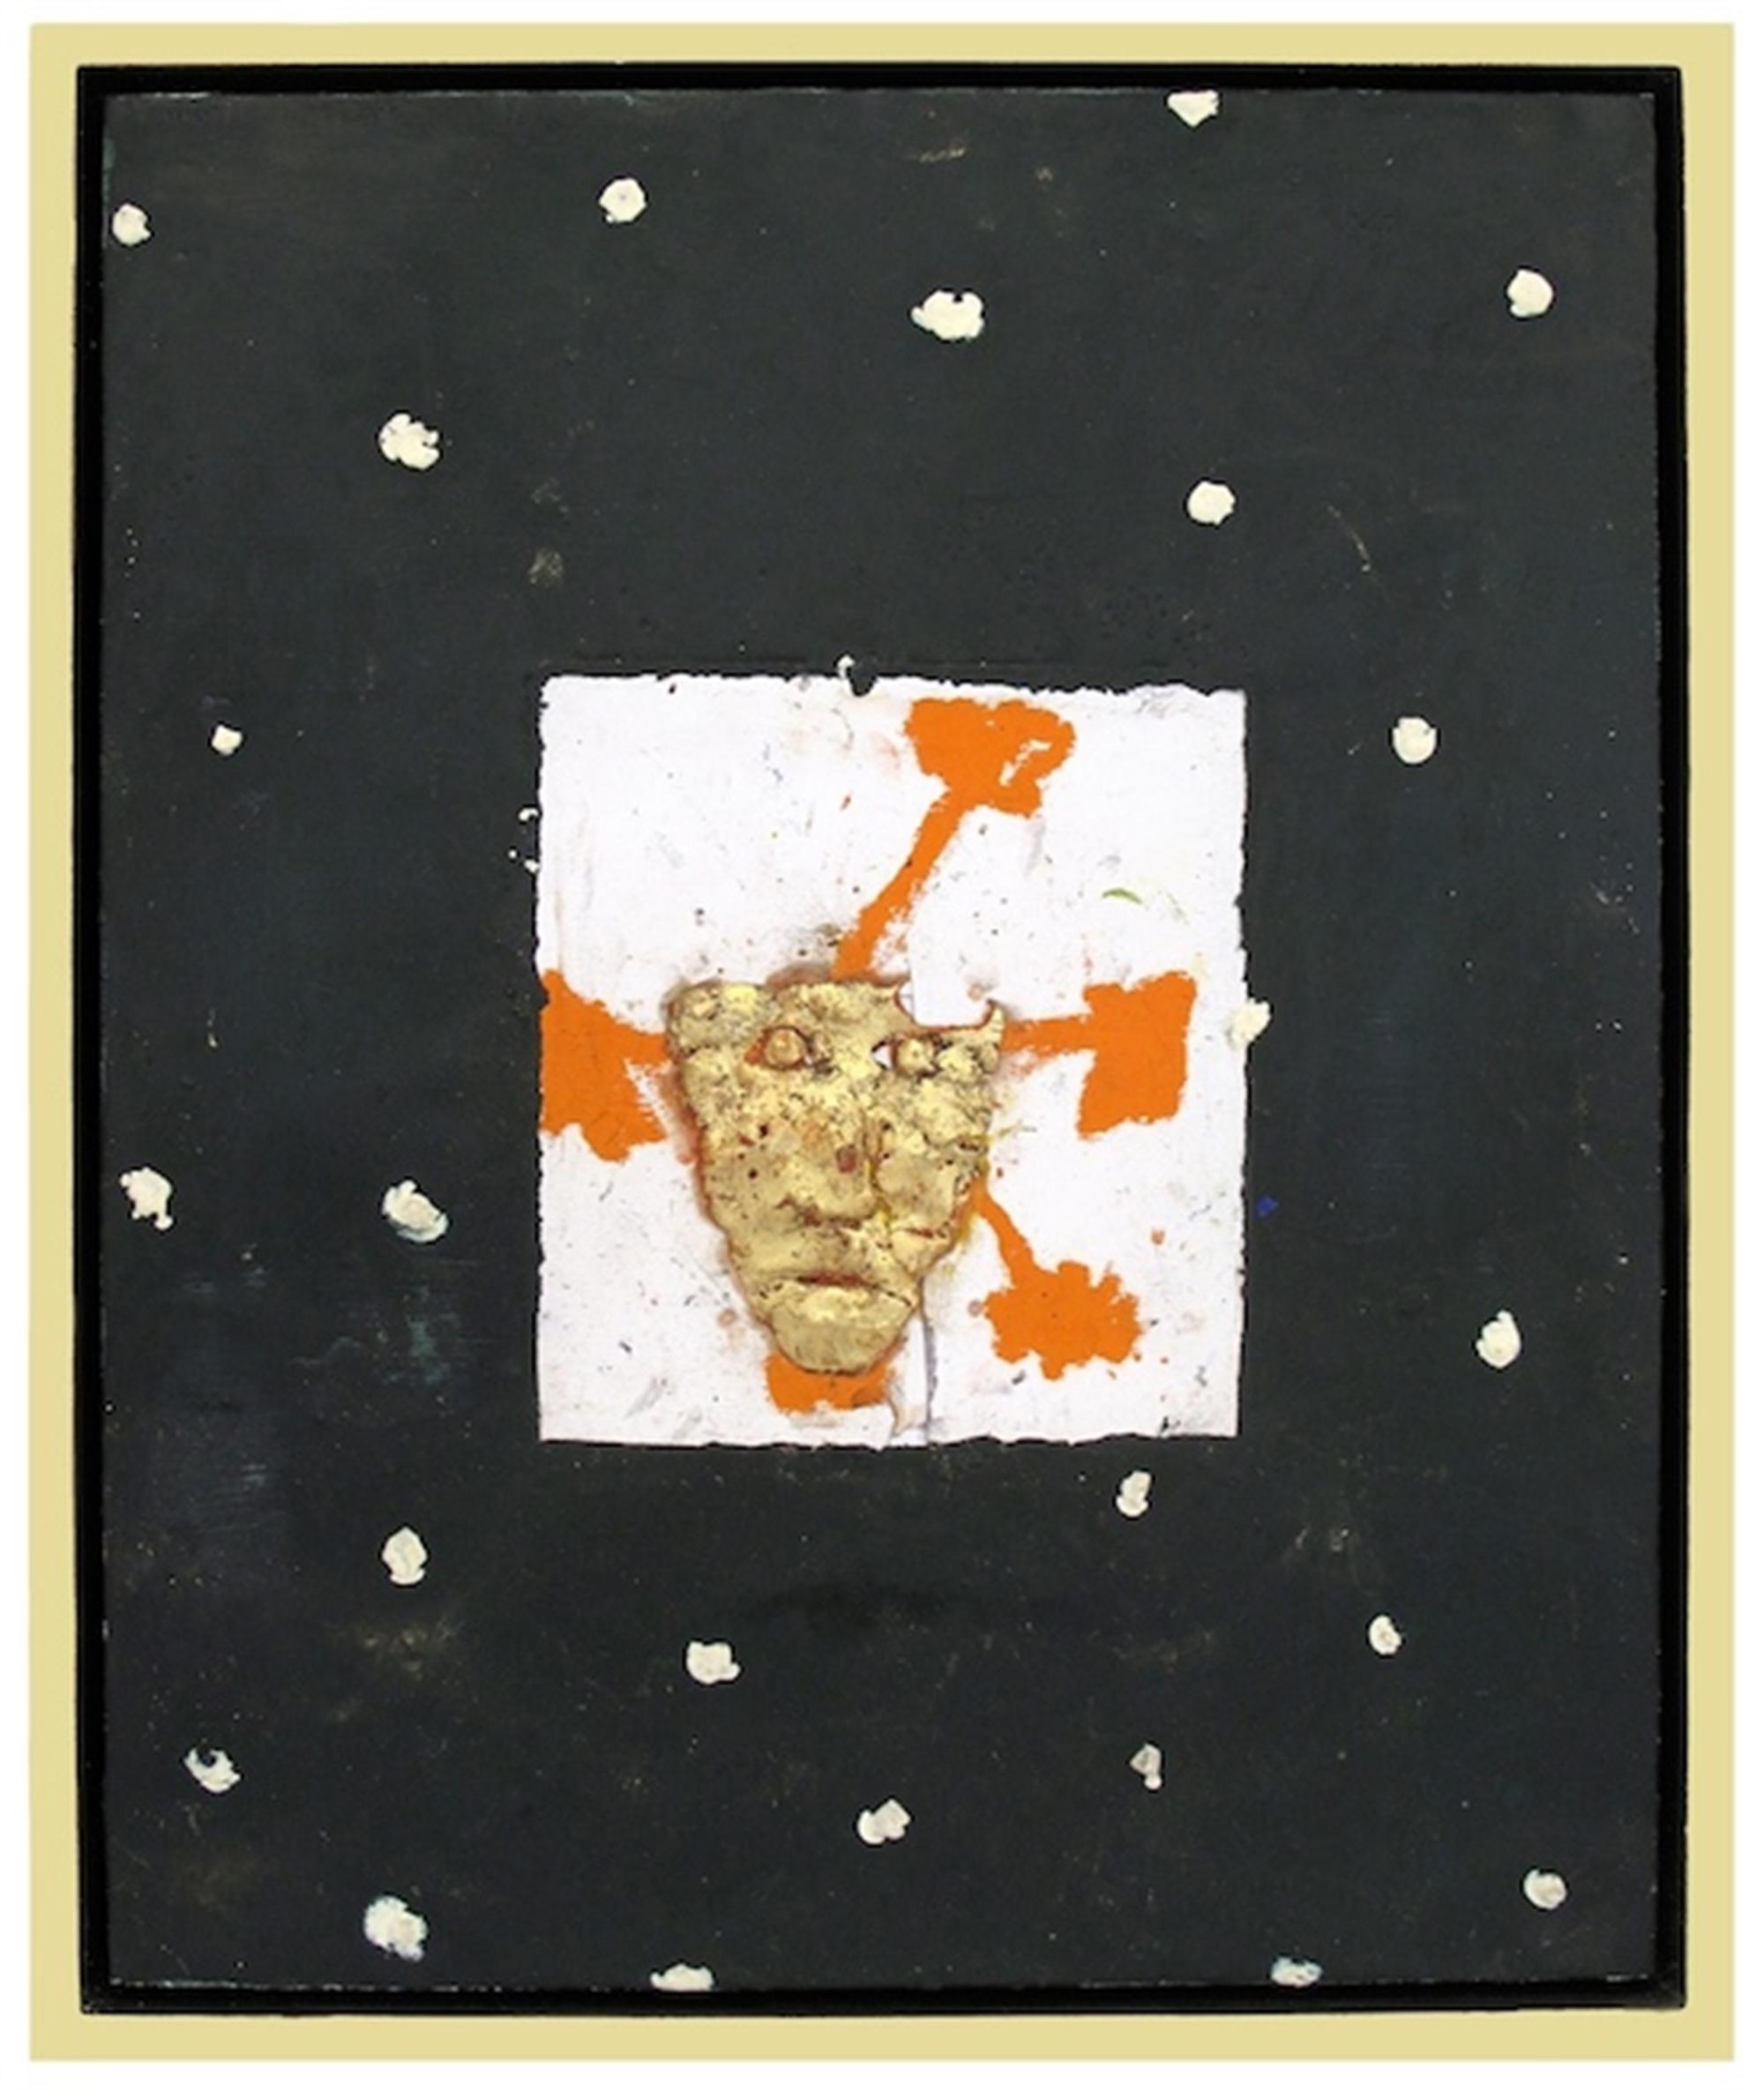 Gold Artifact Mask by James Havard